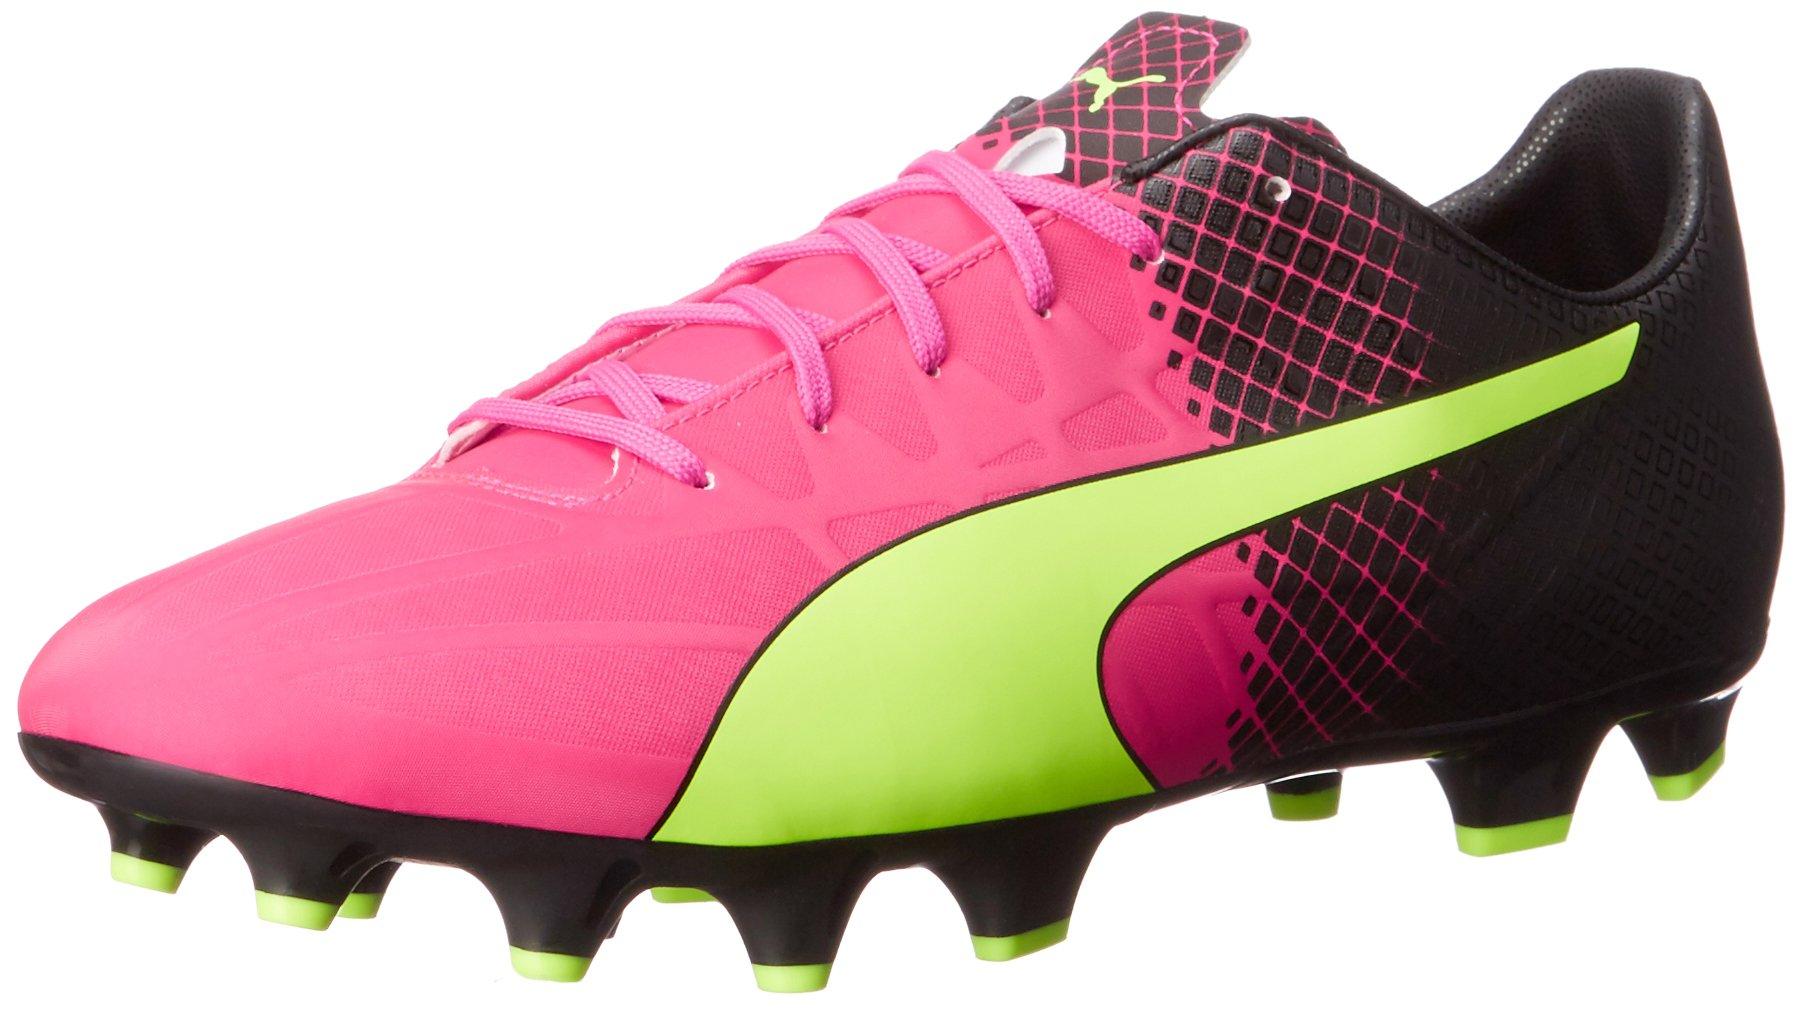 Puma Men's Evospeed 4.5 Tricks Fg Soccer Shoe